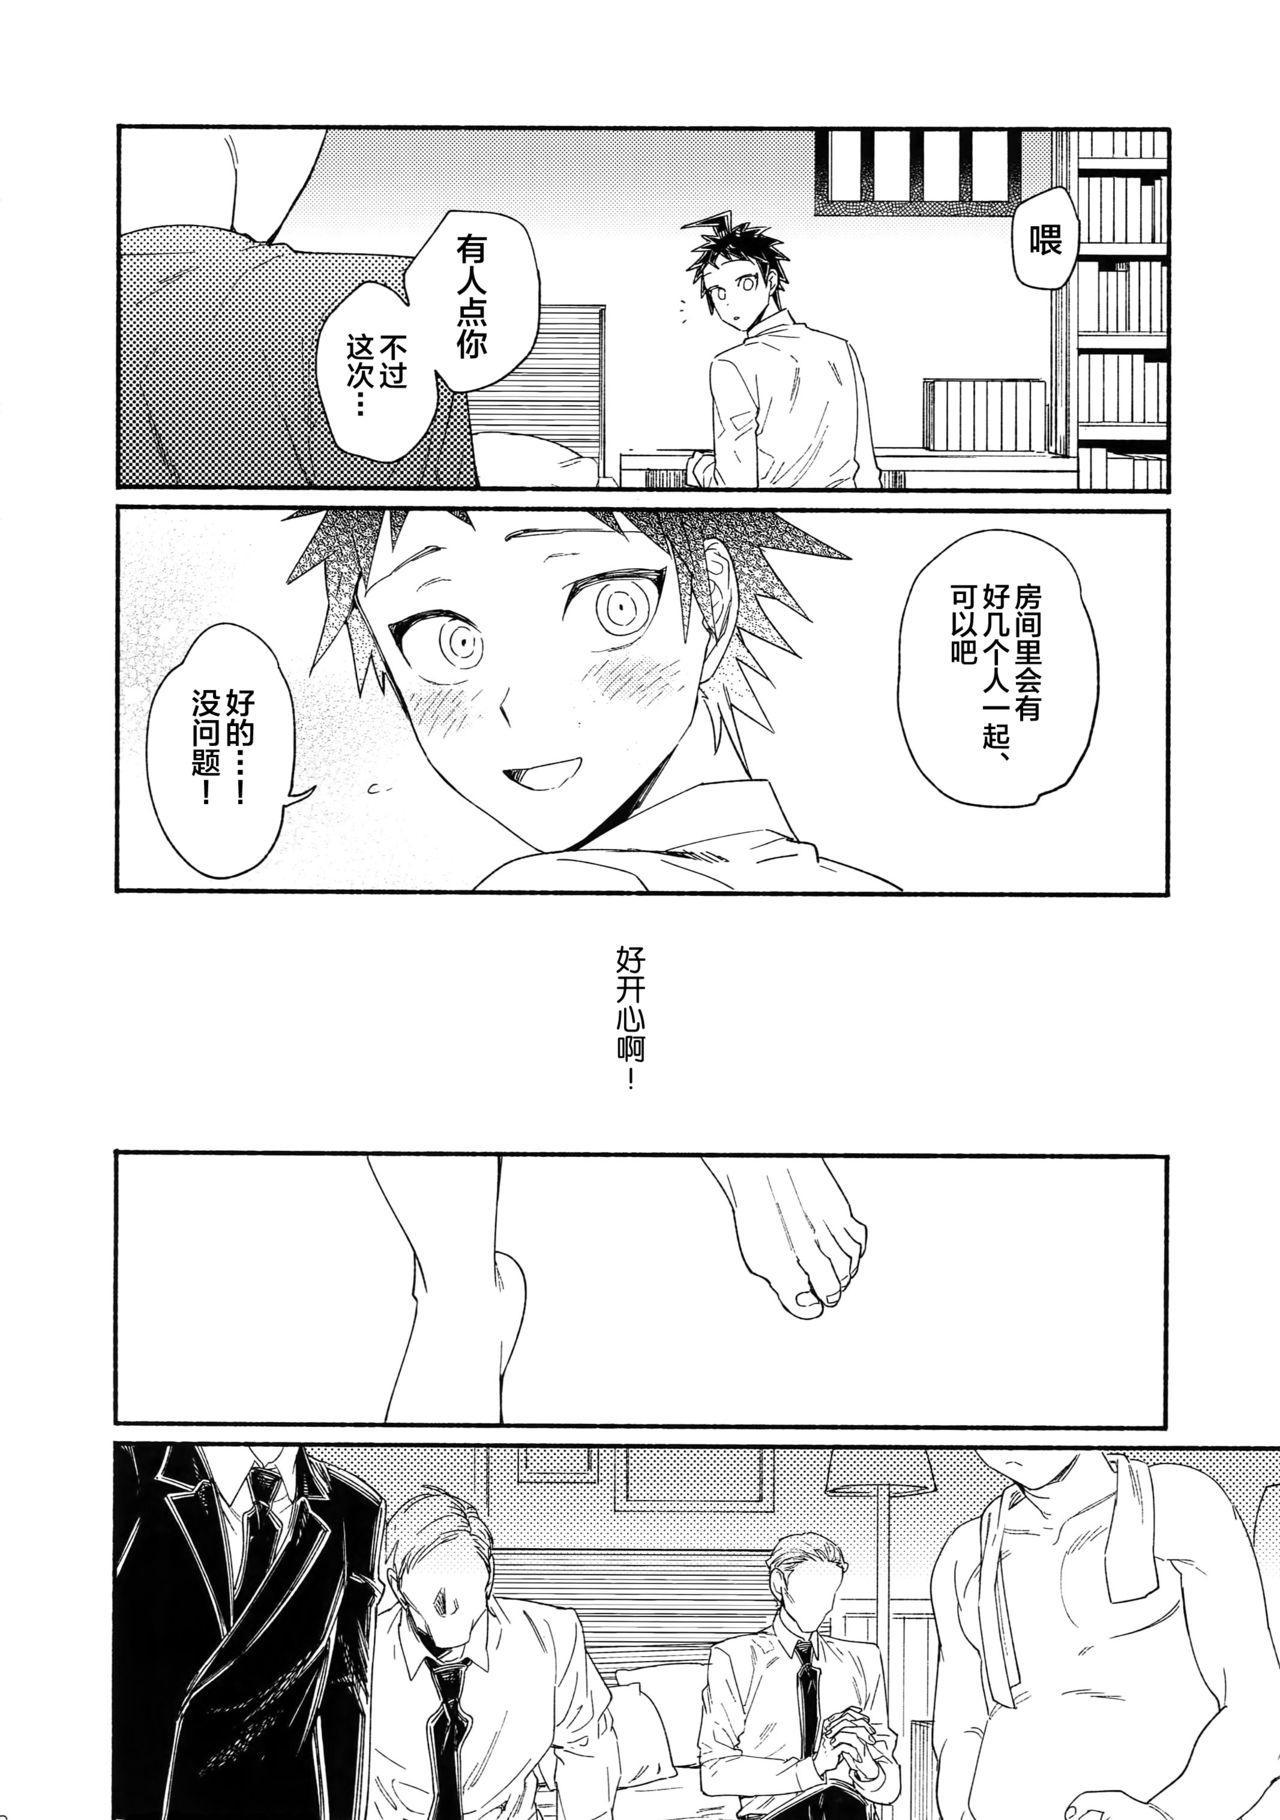 Aisareru Yobi Gakka 23